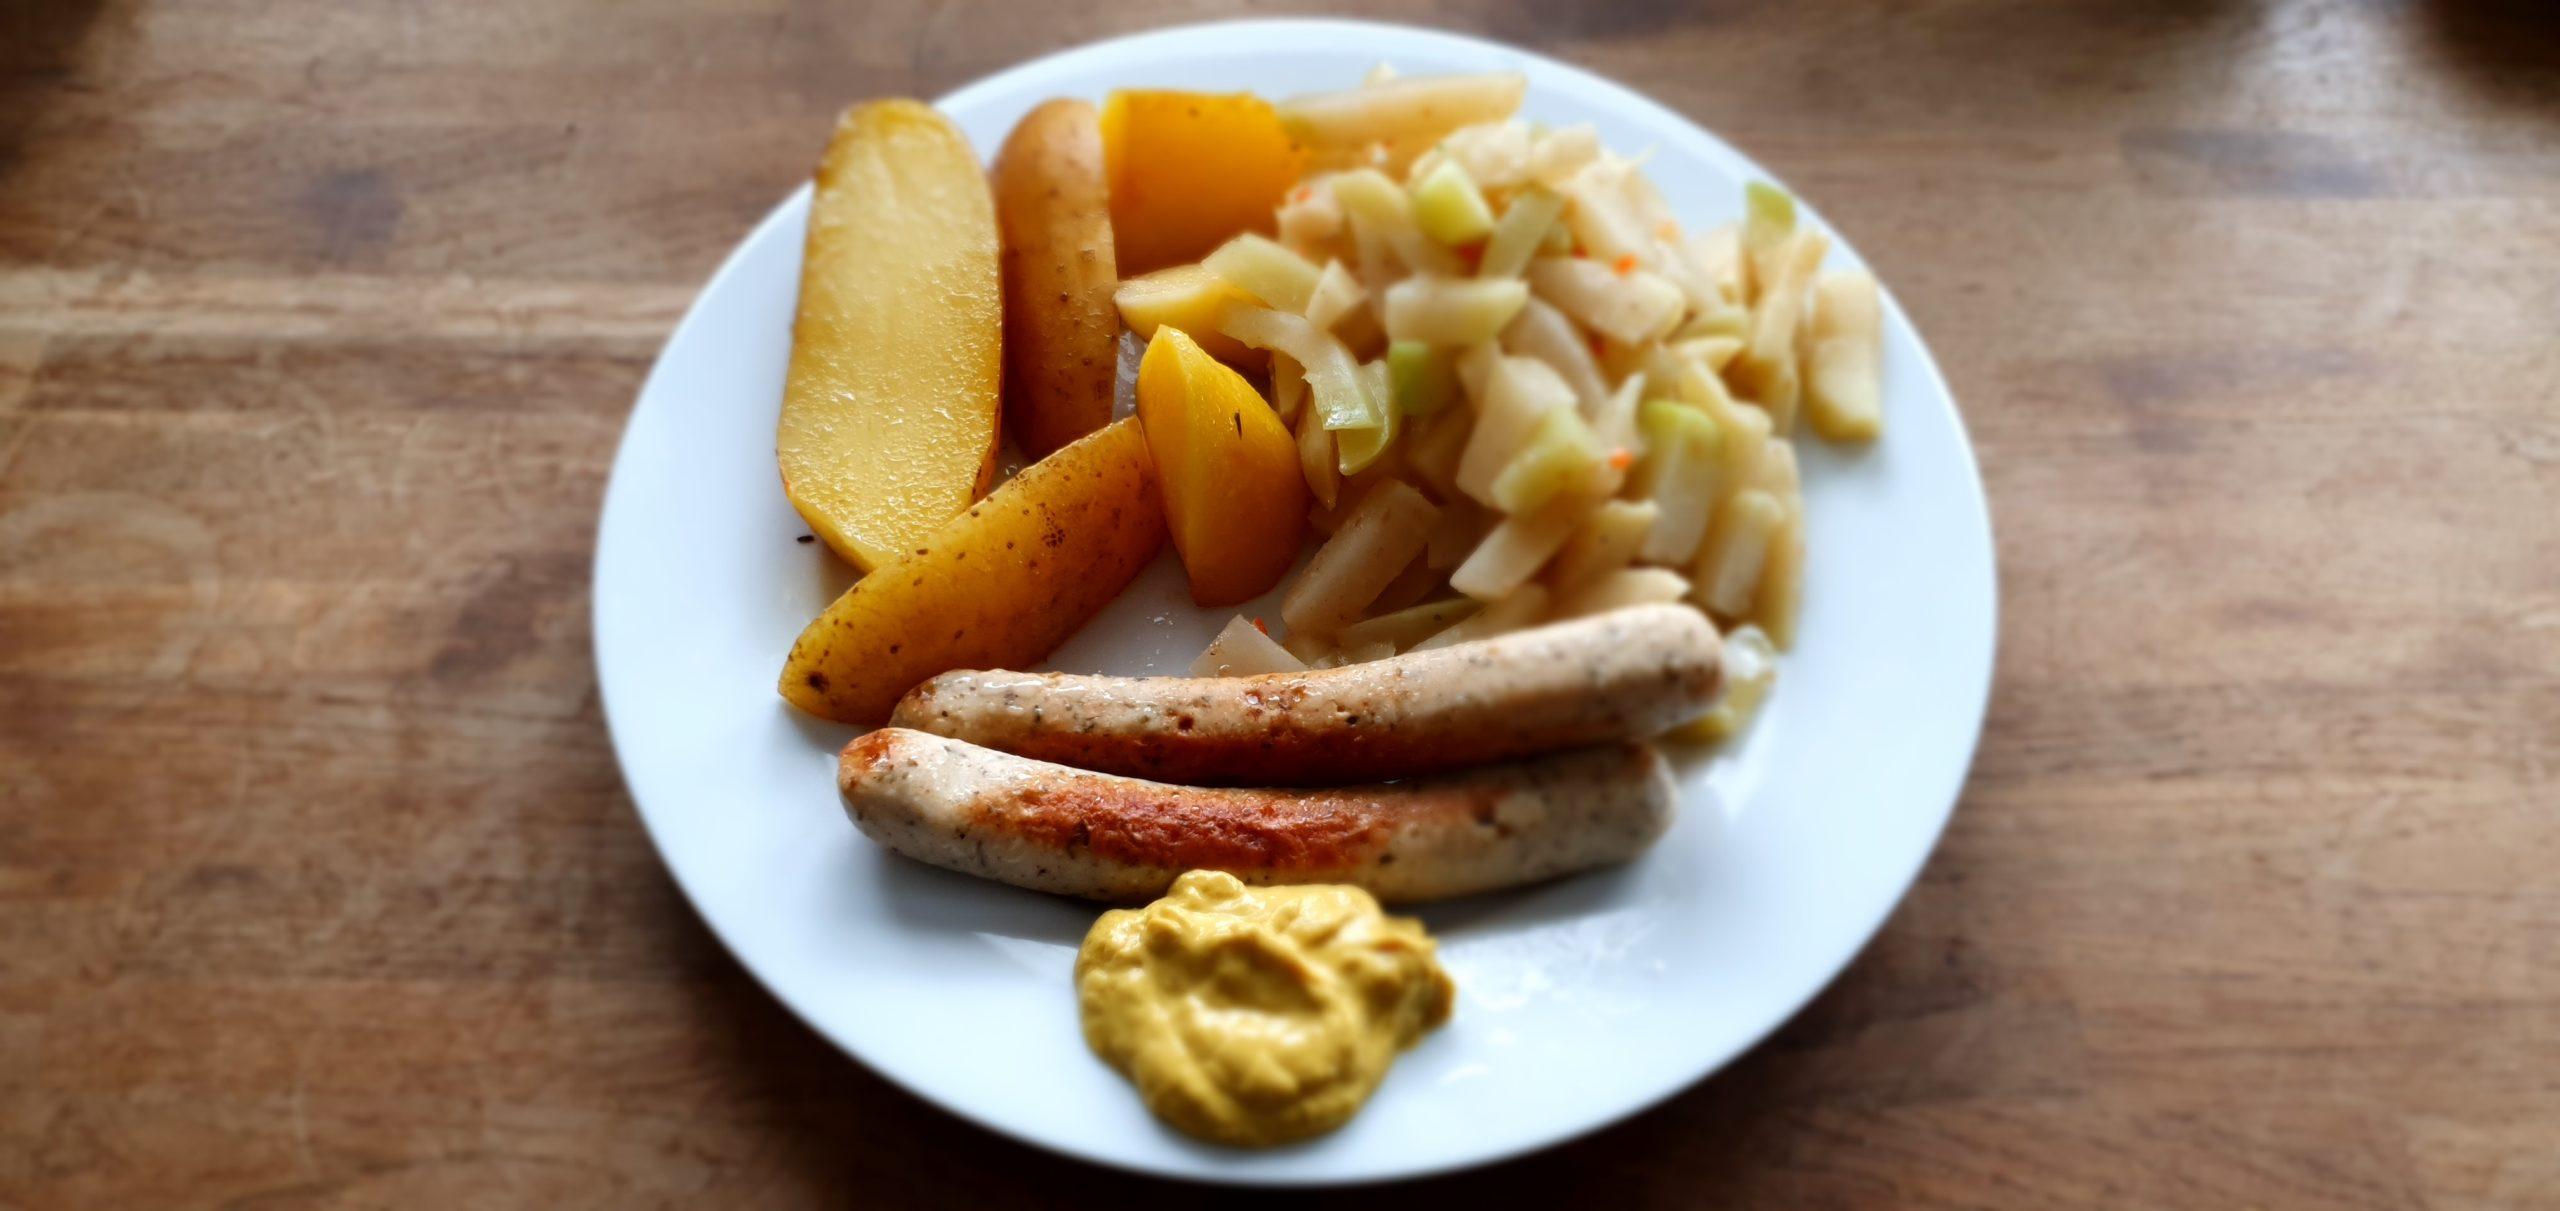 Bio Kohlrabi mit veganer Bratwurst und Pellkartoffel Bio gekocht und angebraten